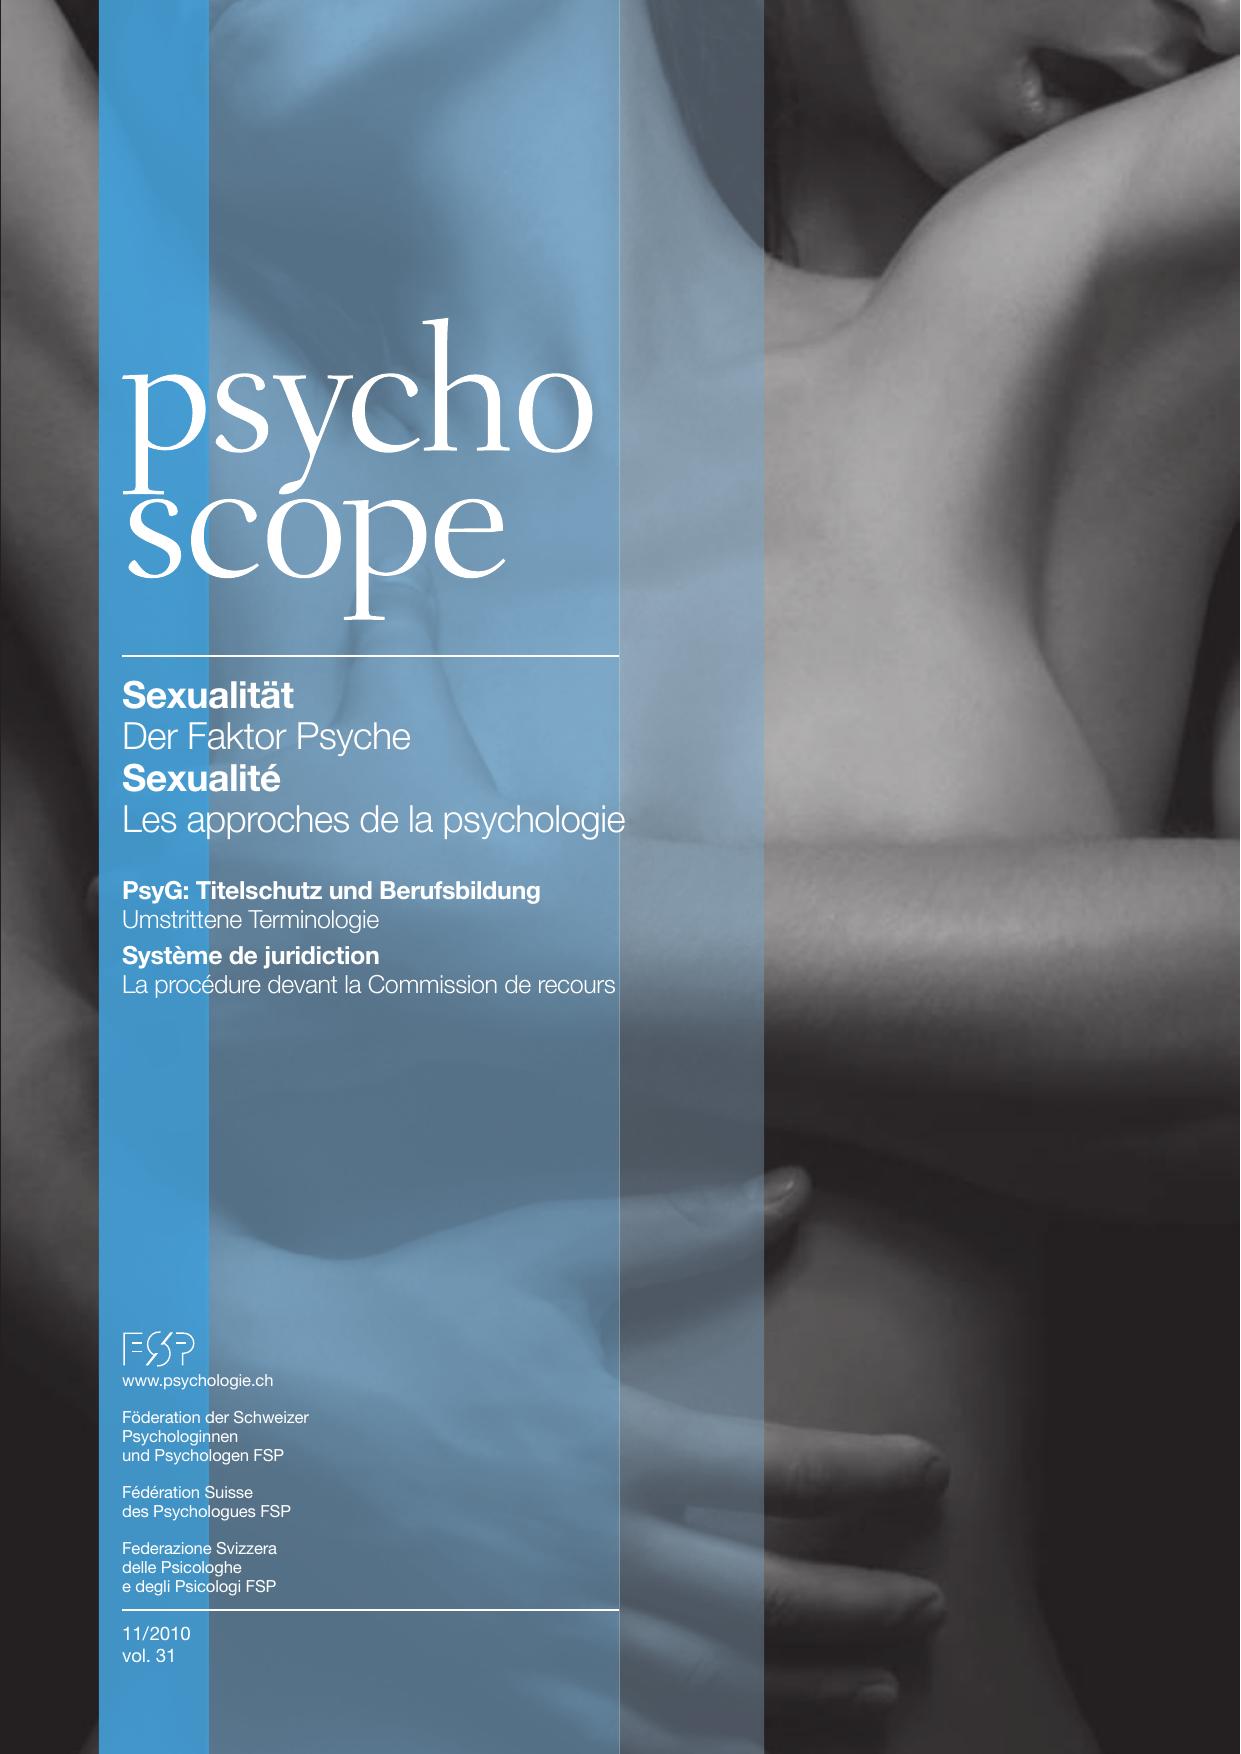 Psychoscope 11 2010 Foderation Der Schweizer Psychologinnen